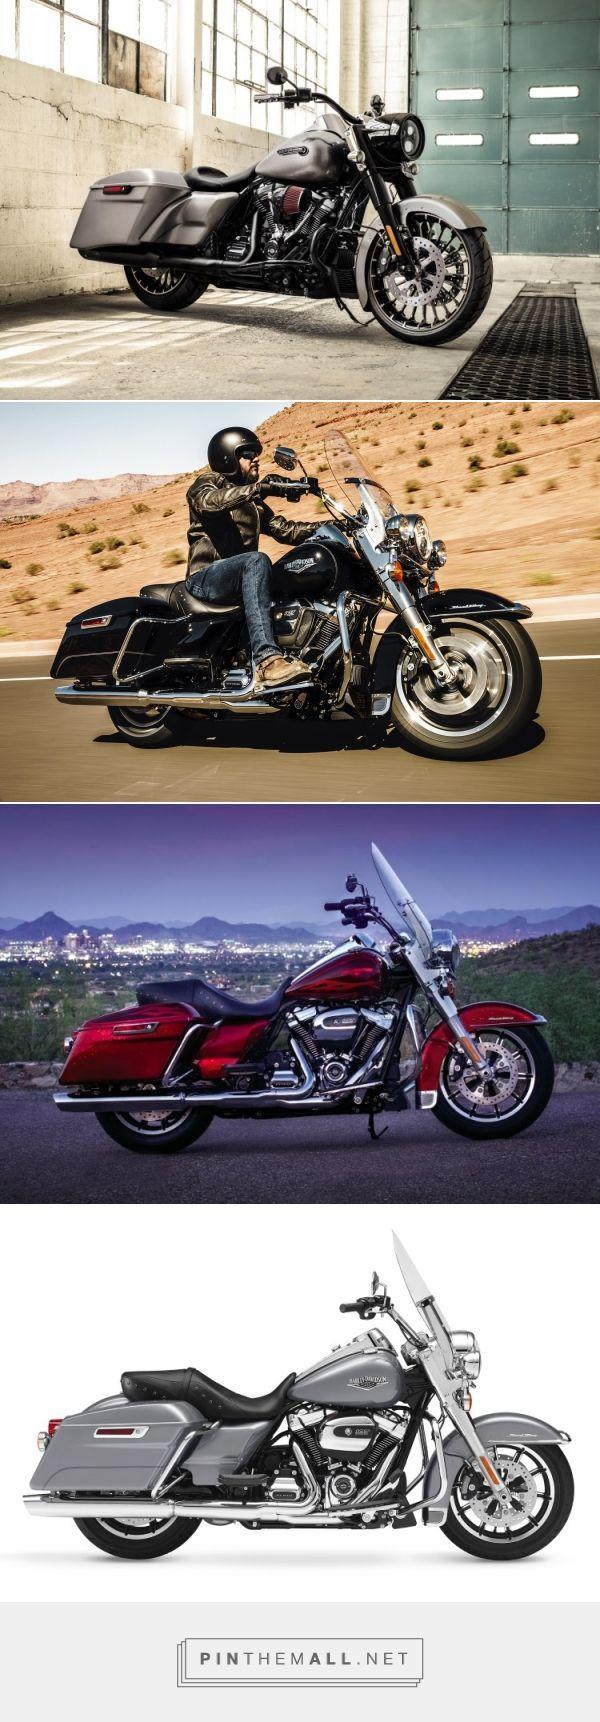 Harley-Davidson 2017 Road King Special is Built for Journeys #harleydavidsonroadglidebaggers